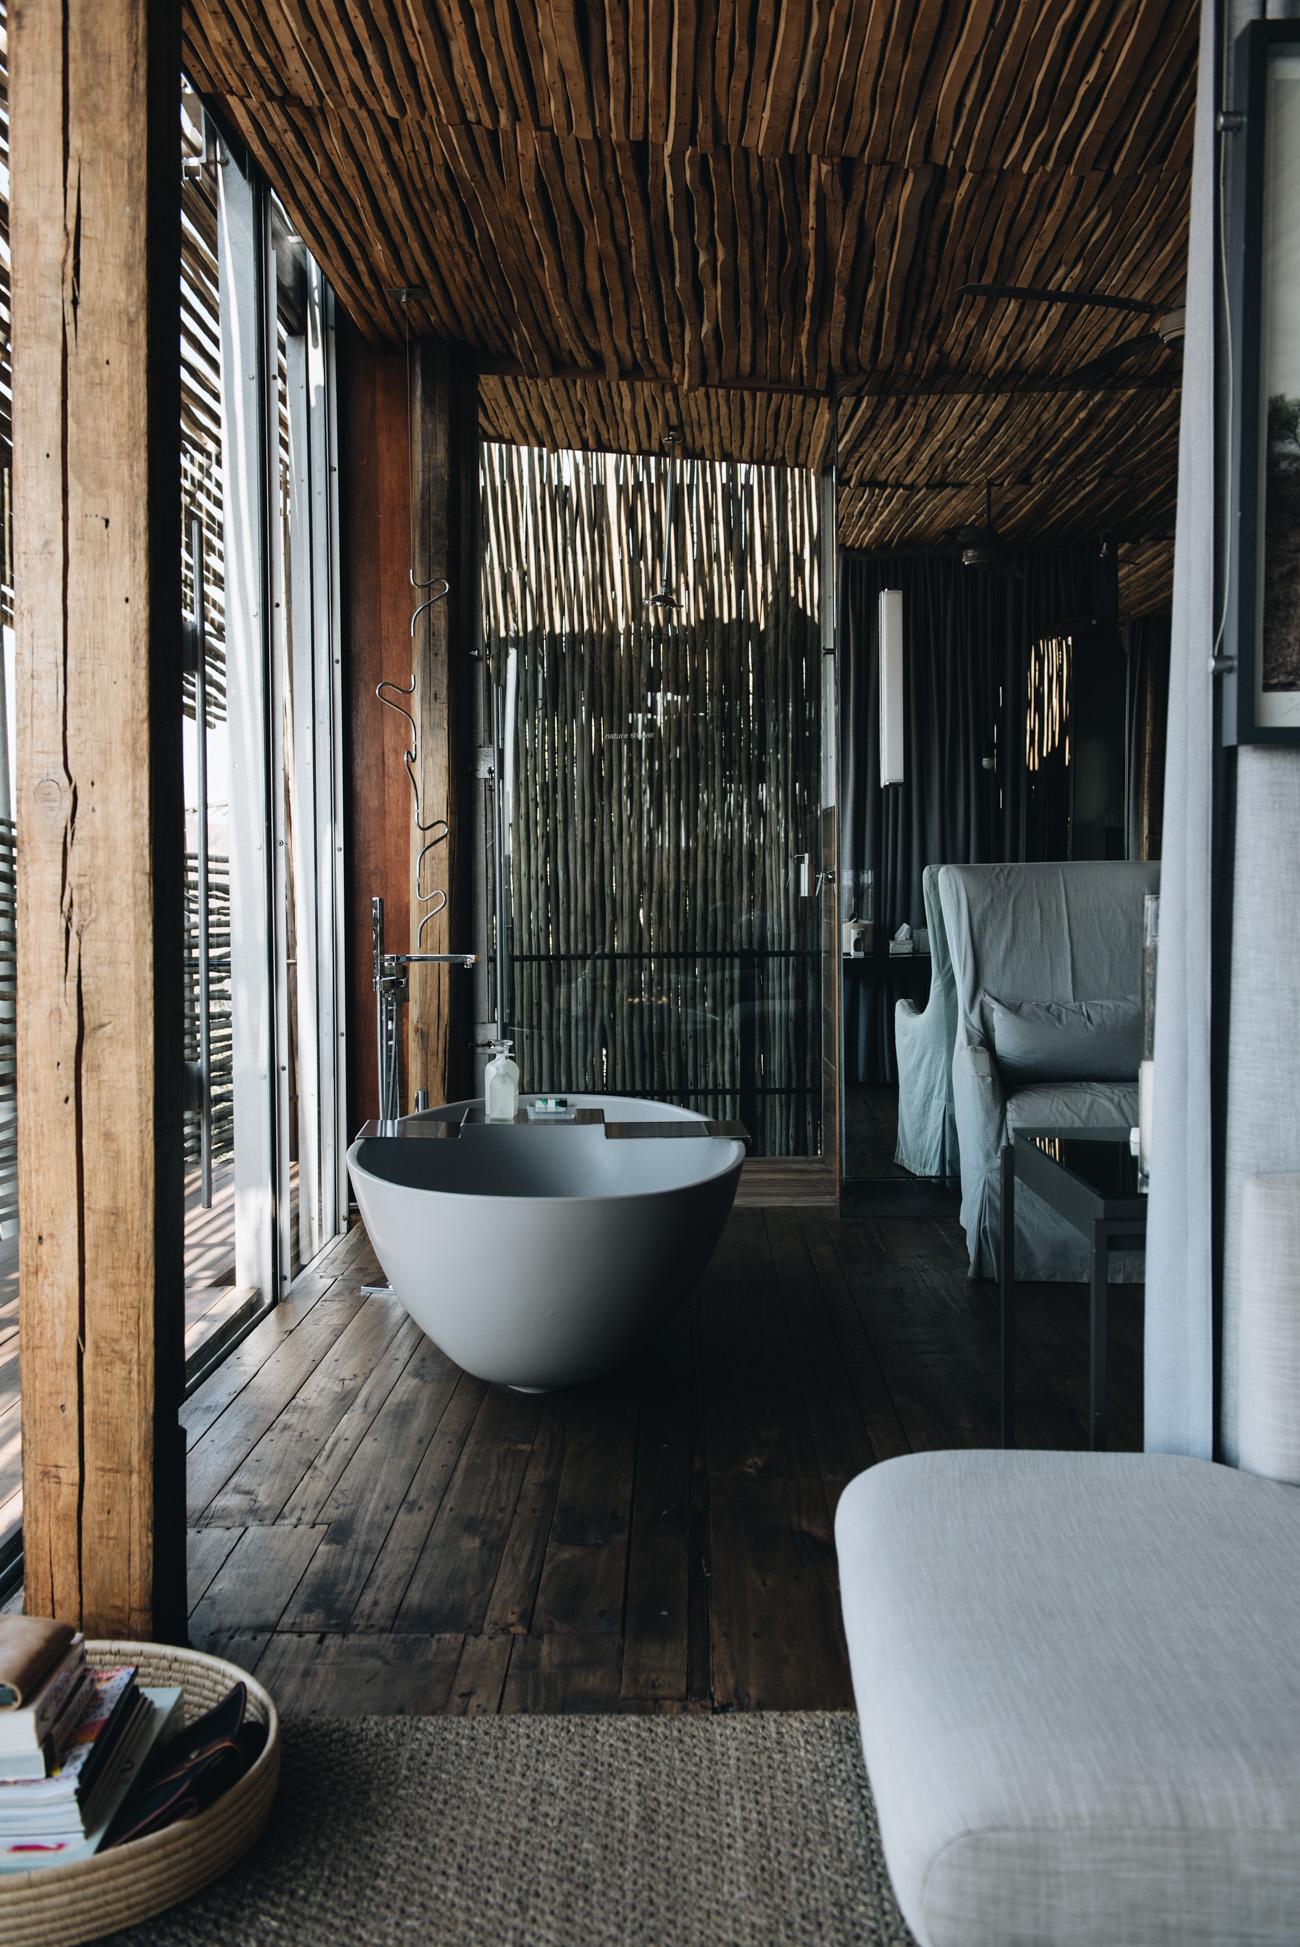 Singita-lebombo-Lodge-krüger-nationalpark-safari-pauschalresie-beste-reisezeiten-und-kosten-fashiioncarpet-nina-schwichtenberg